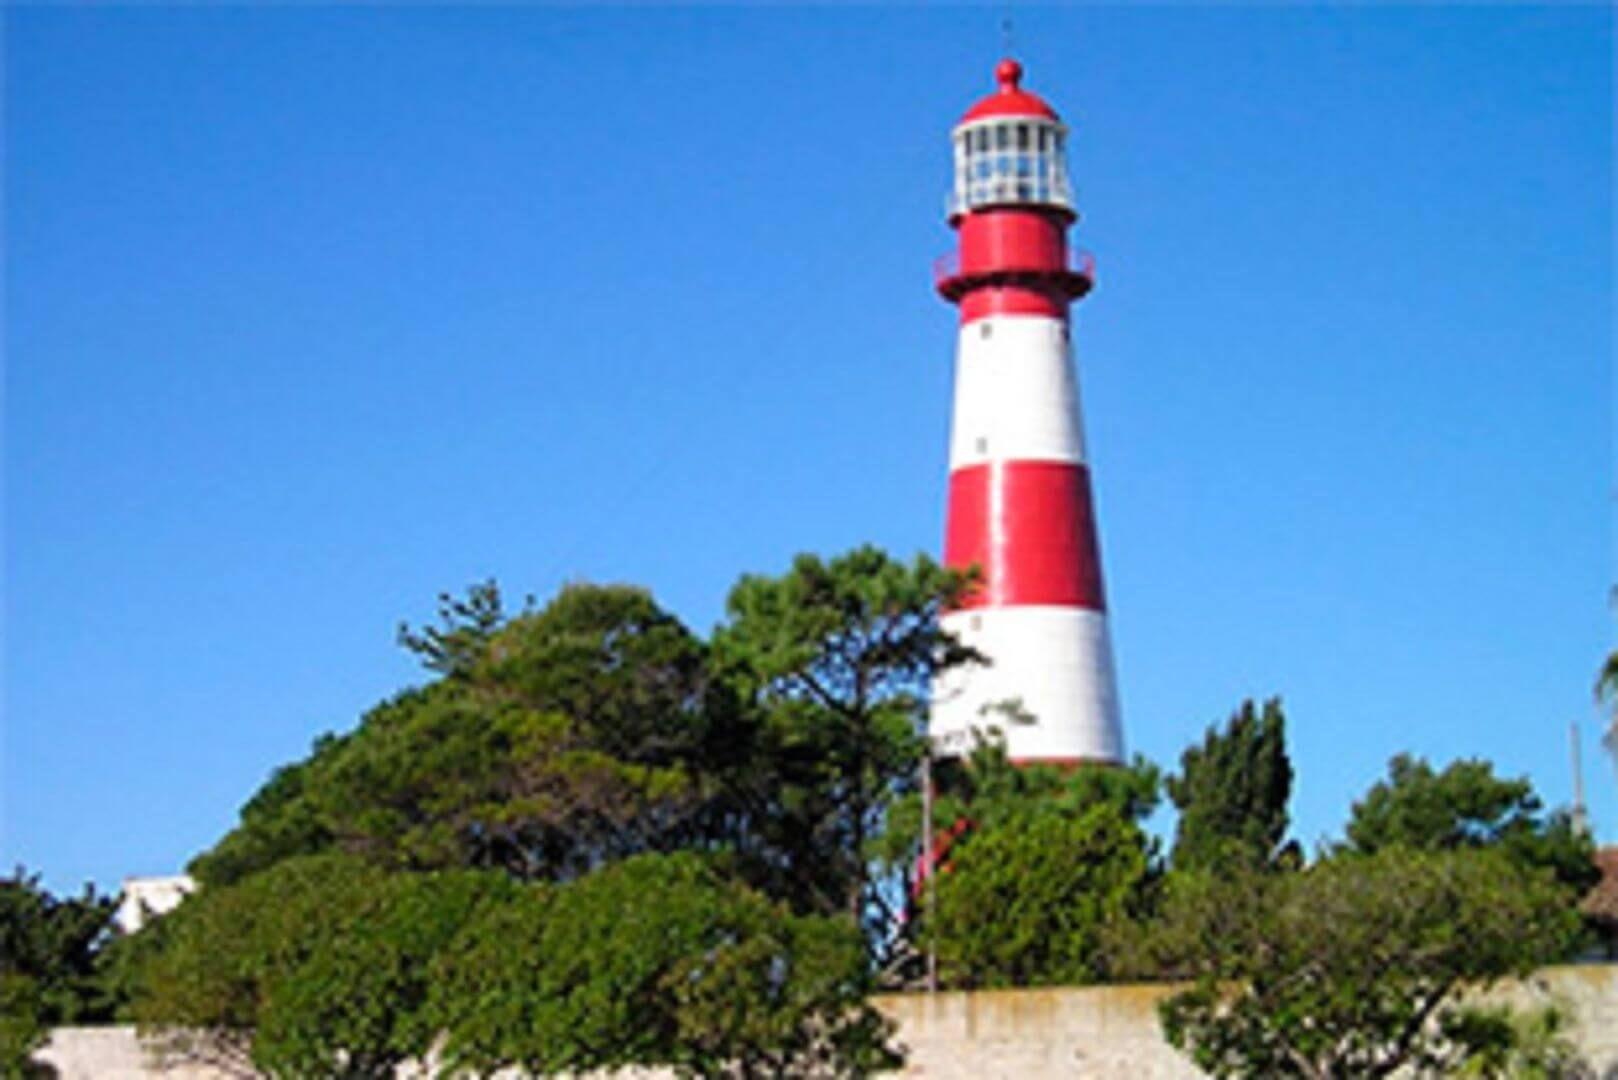 El Faro De Mar Del Plata Fue Declarado Lugar Hist Rico